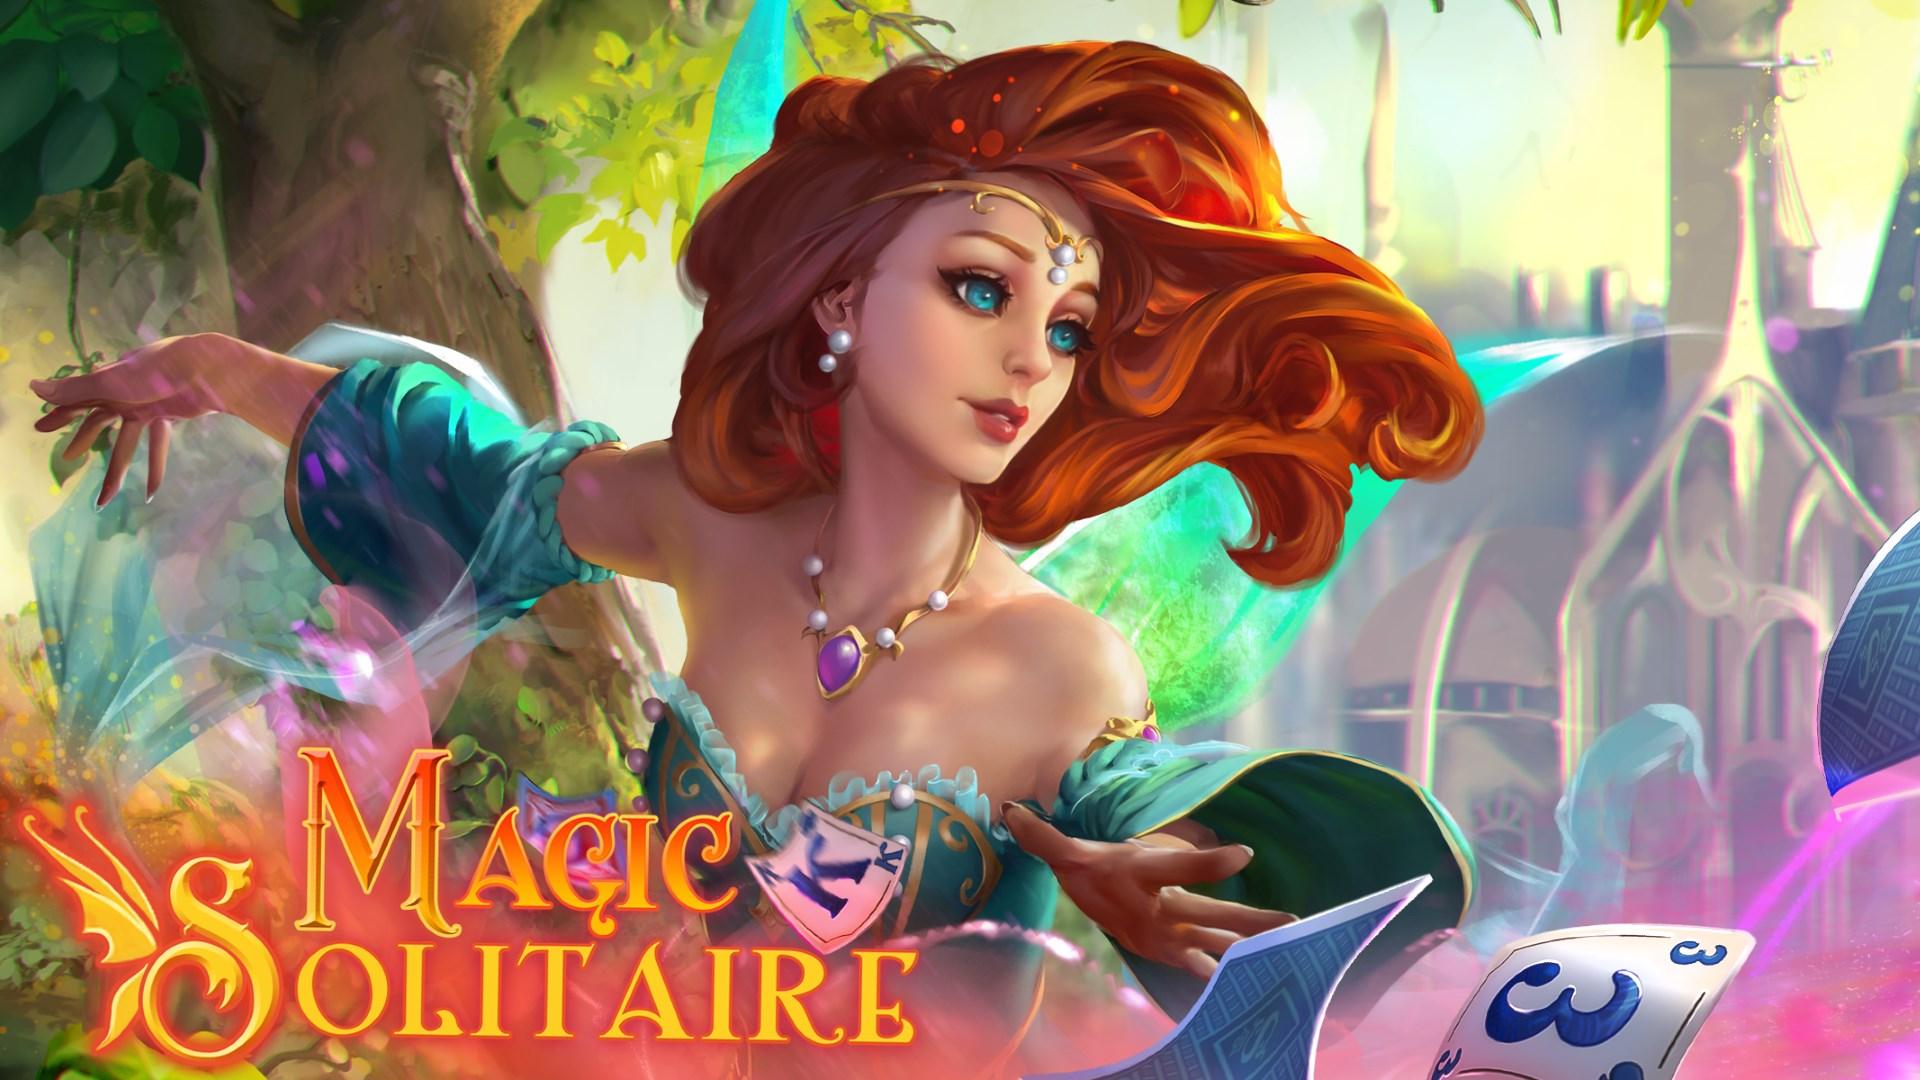 Solitaire Magic